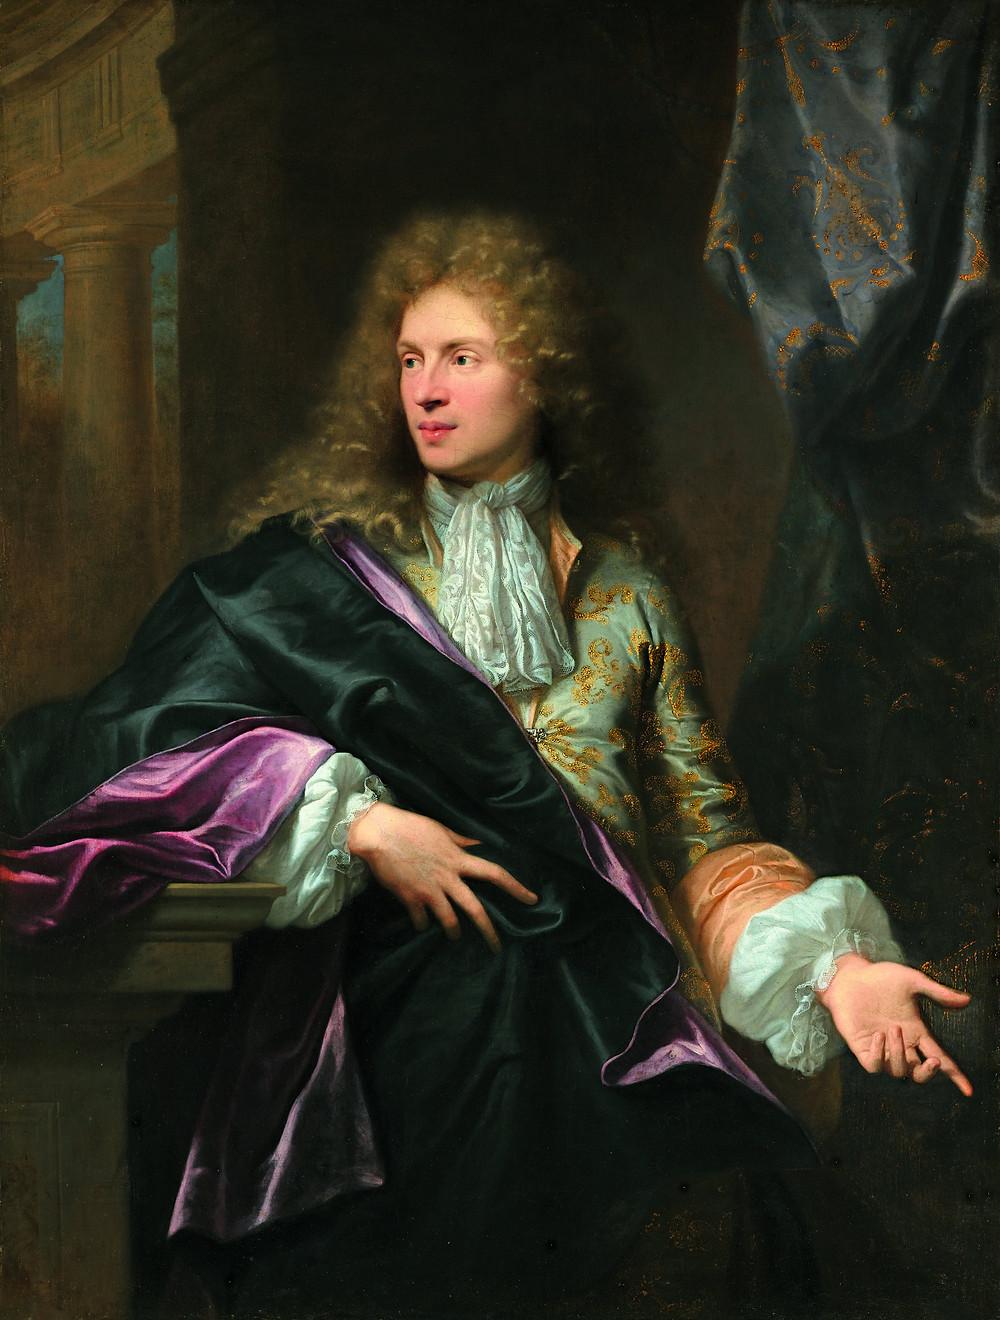 Hyacinthe Rigaud, Portrait de Pierre Vincent Bertin, 1685, collection particulière